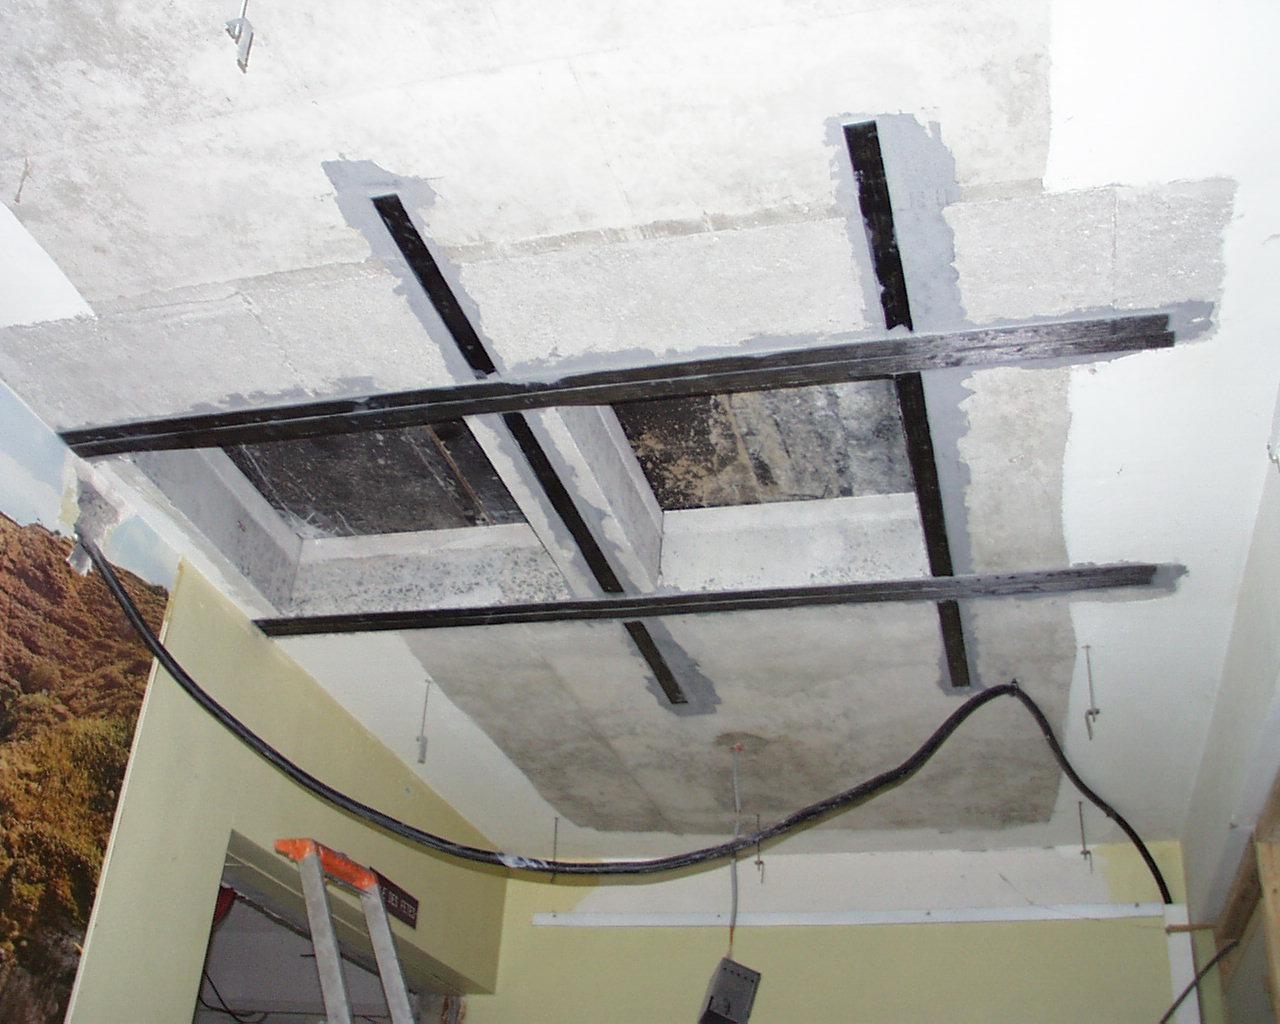 Renforcement des structures tns btp for Renfort mur porteur